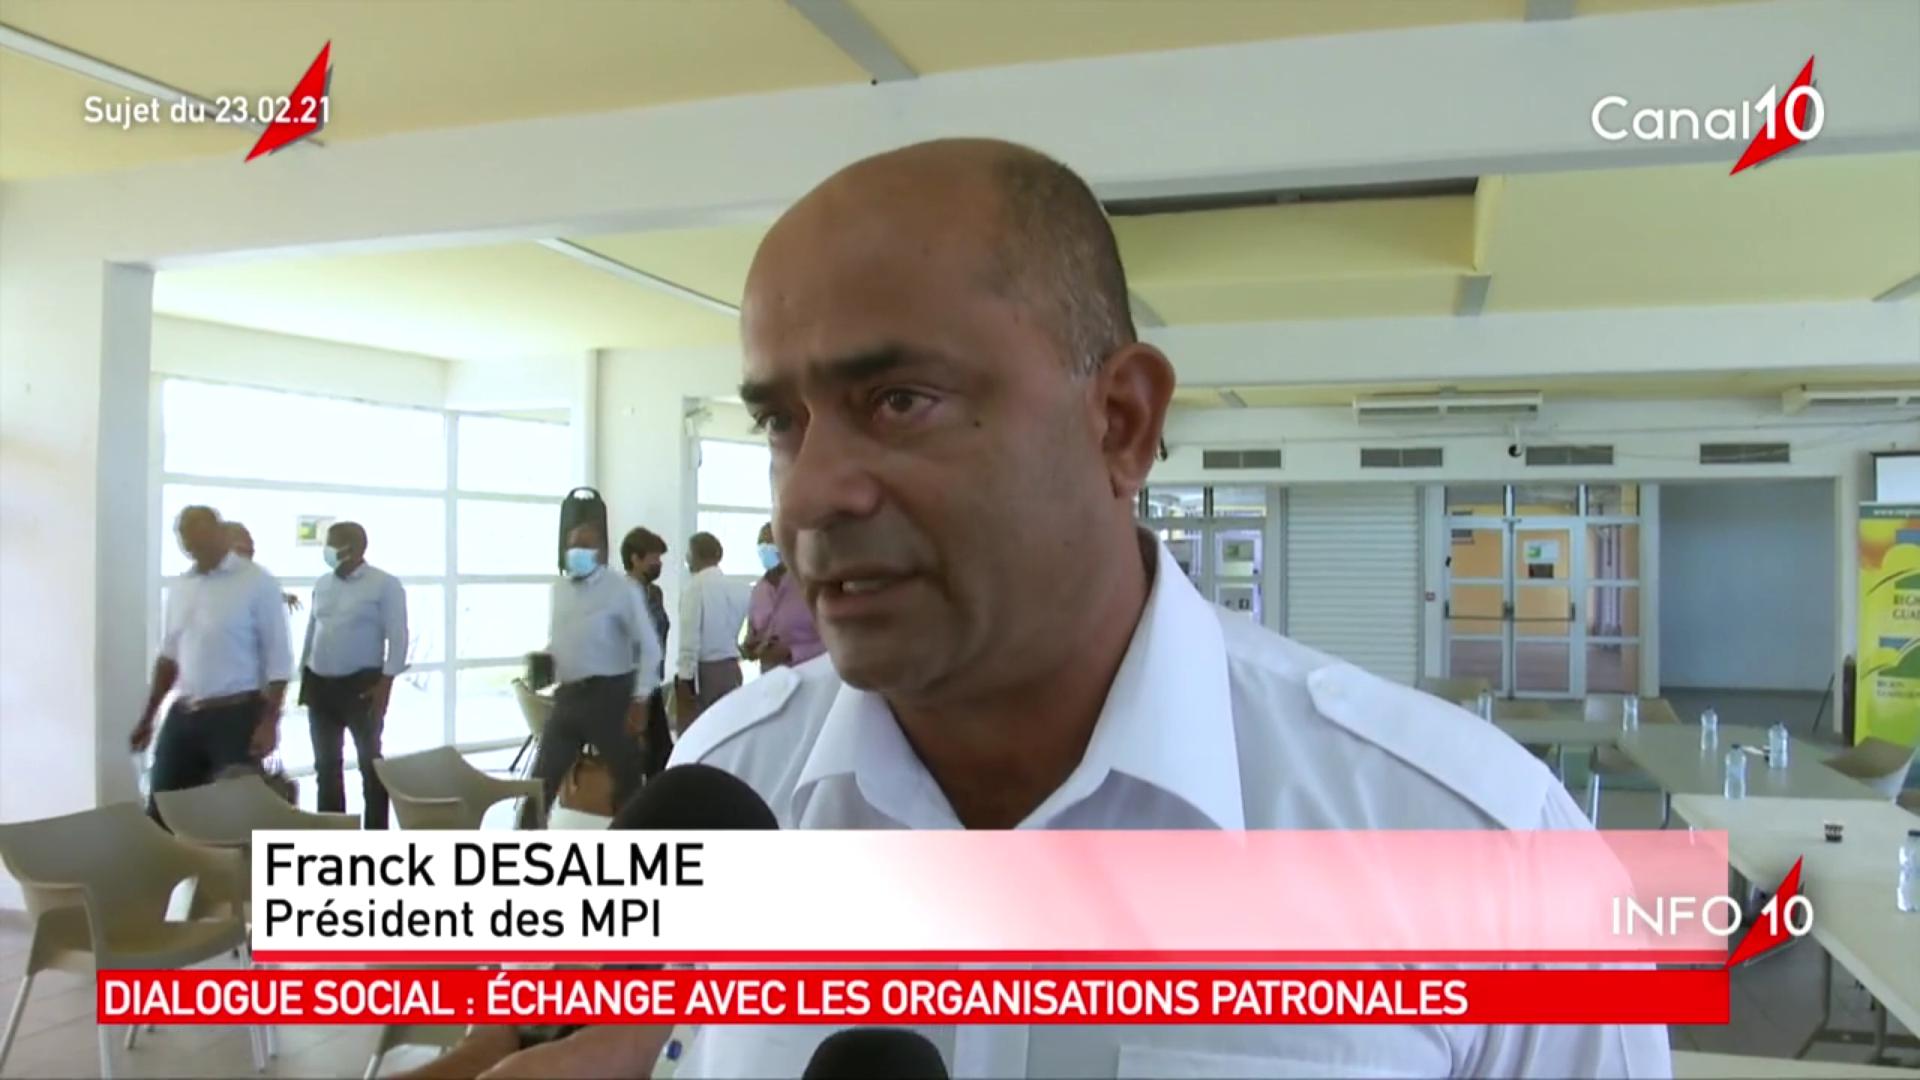 [Vidéo] Onews Guadeloupe. Le Jt de Canal 10. Point complet sur le covid 19. Chiffres en augmentation